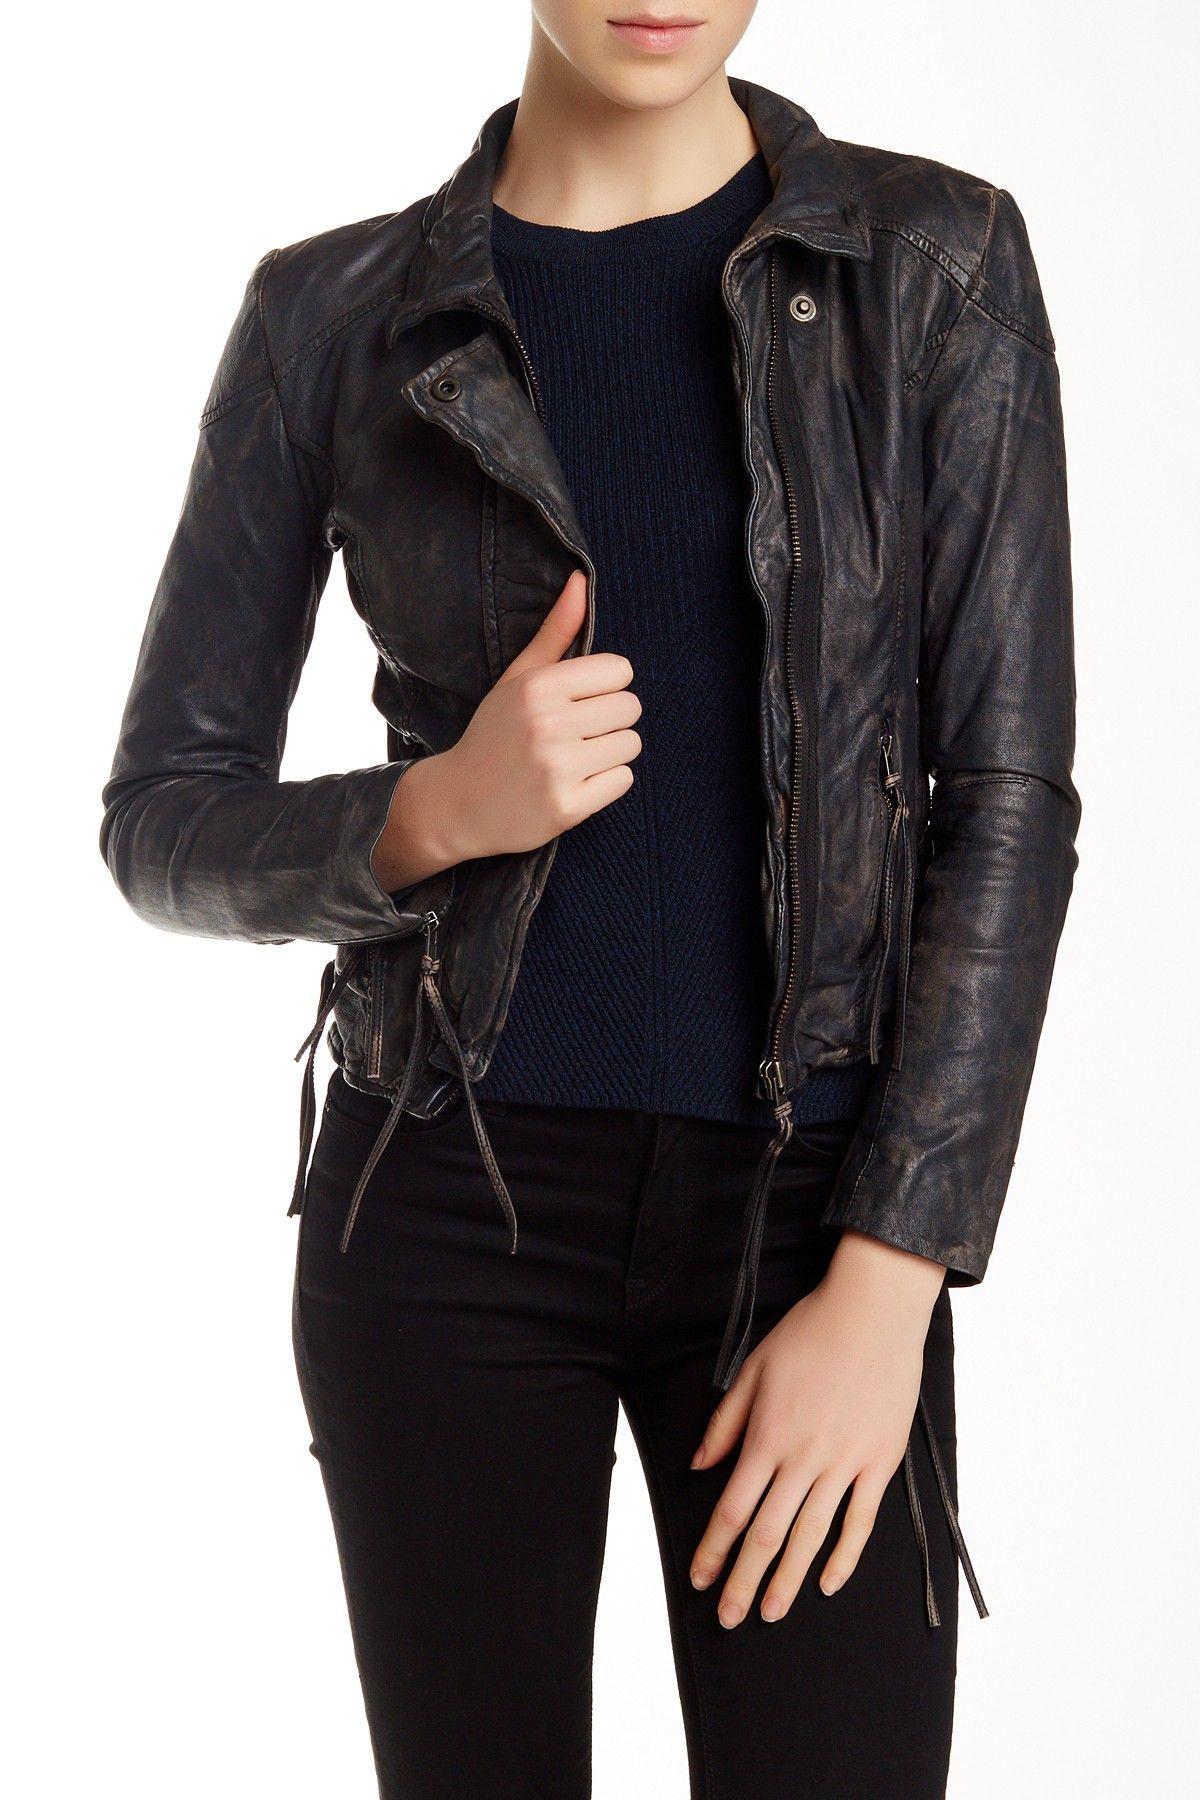 On Hautelook Muubaa Galaxi Leather Biker Jacket Leather Jacket Style Jackets Biker Jacket [ 1800 x 1200 Pixel ]